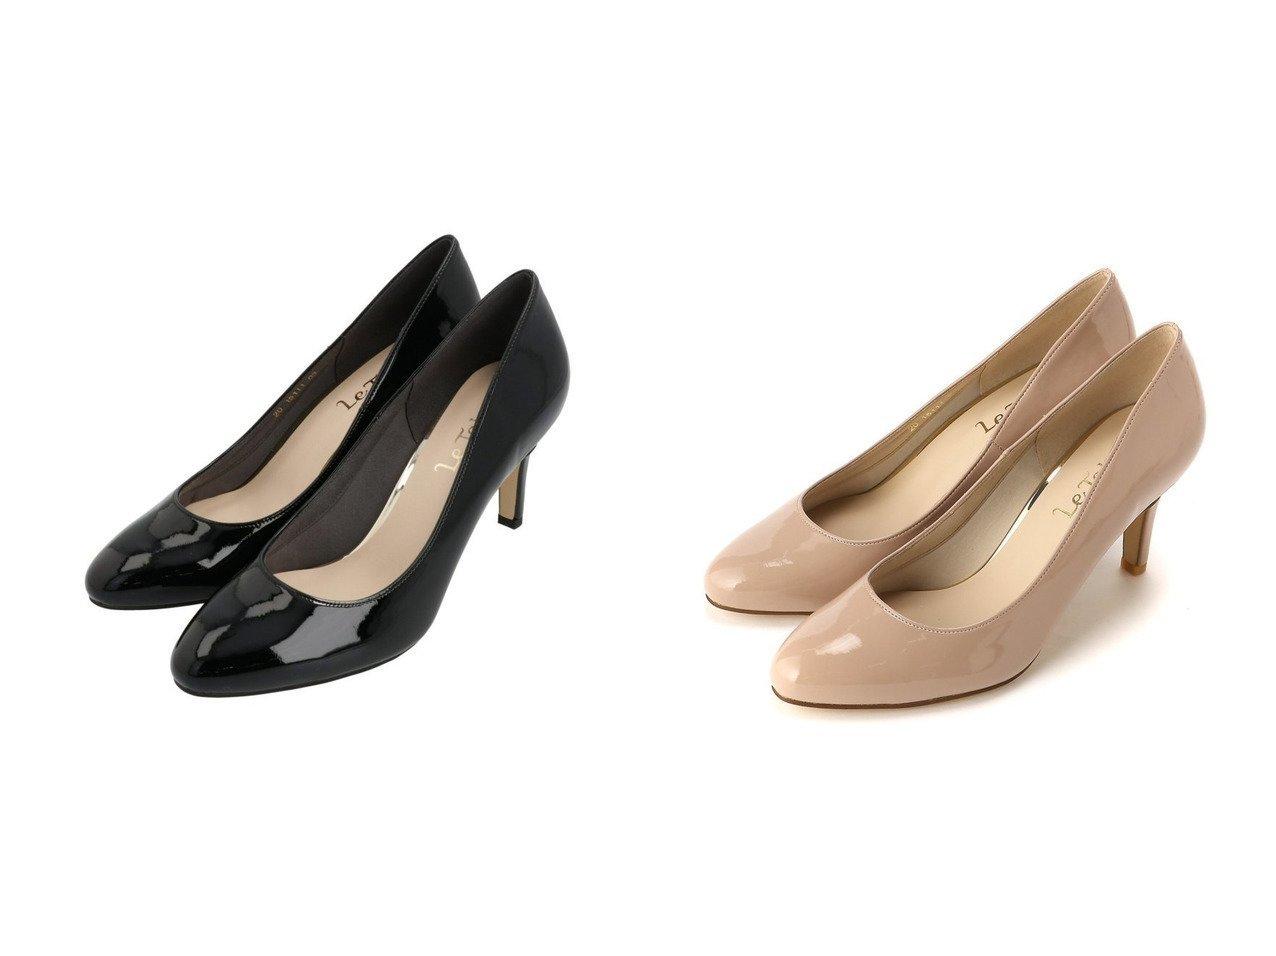 【Le Talon/ル タロン】の7.5cmラウンドプレーンPS シューズ・靴のおすすめ!人気、トレンド・レディースファッションの通販  おすすめで人気の流行・トレンド、ファッションの通販商品 メンズファッション・キッズファッション・インテリア・家具・レディースファッション・服の通販 founy(ファニー) https://founy.com/ ファッション Fashion レディースファッション WOMEN 2020年 2020 2020 春夏 S/S SS Spring/Summer 2020 S/S 春夏 SS Spring/Summer インソール クッション シューズ シンプル ラウンド  ID:crp329100000015626